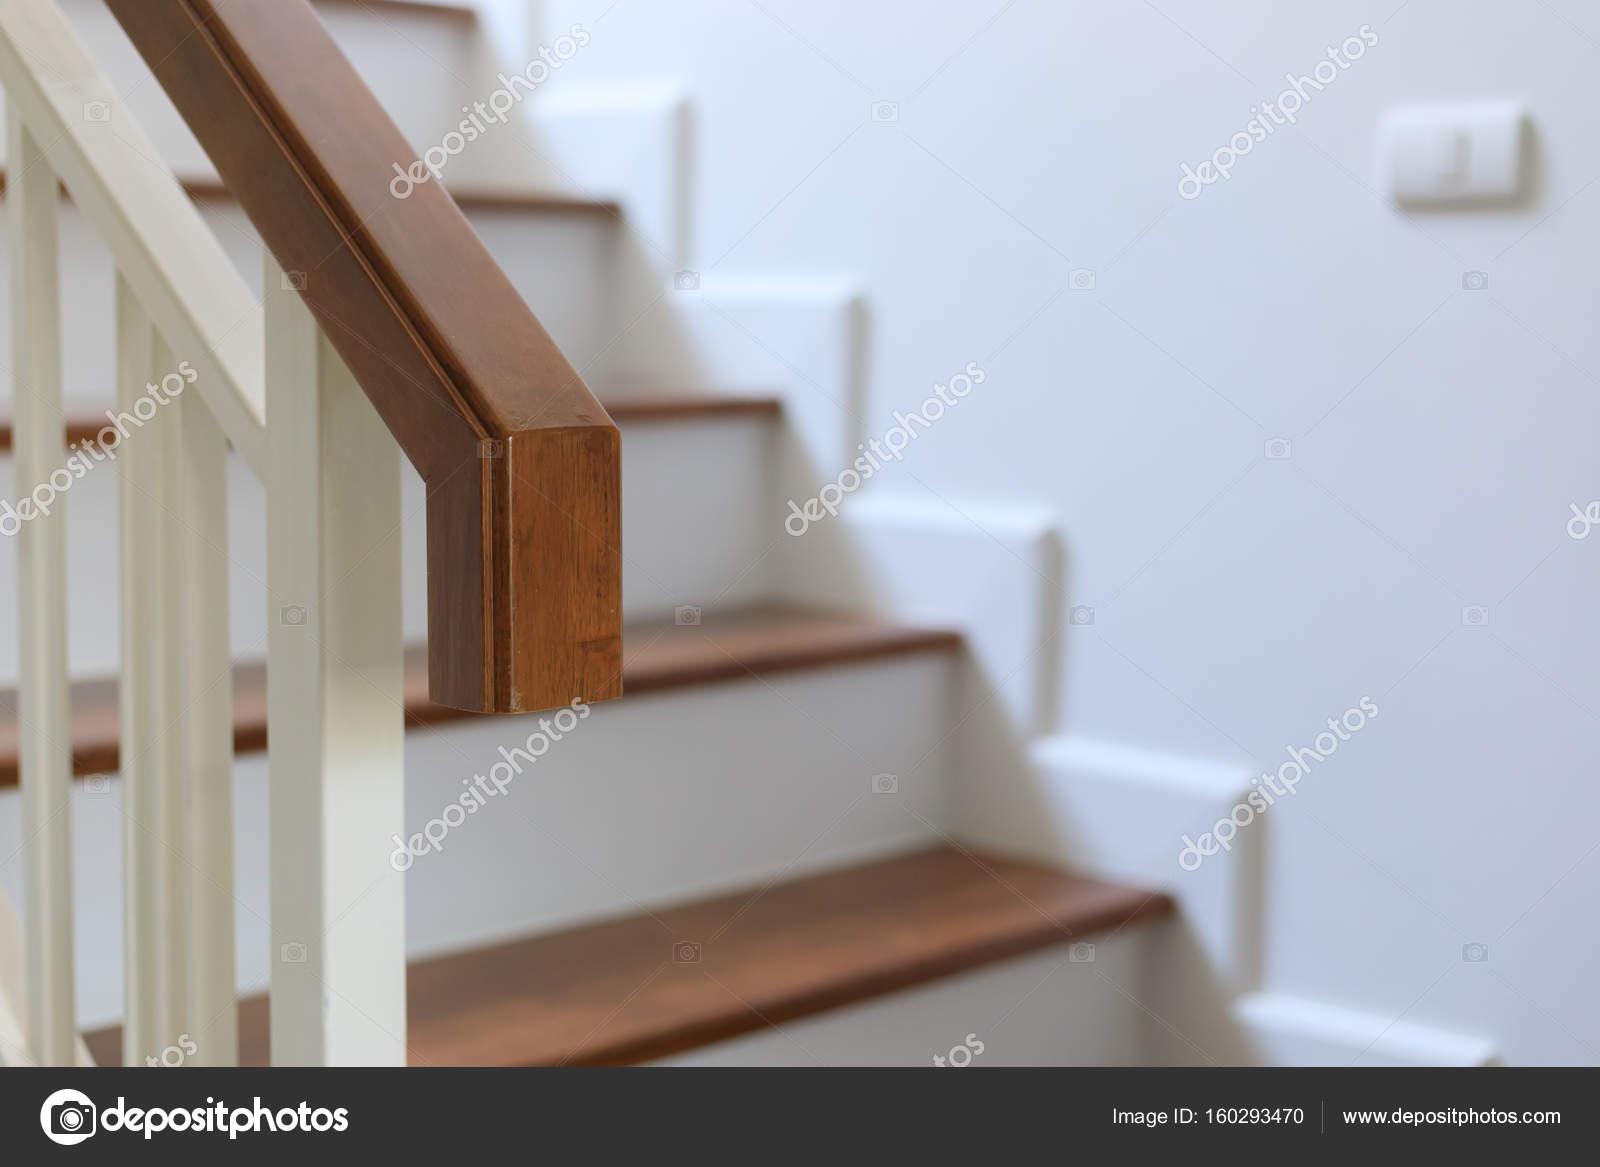 brun bois rampe sur lescalier design dintrieur de maison moderne blanche image de sutichak